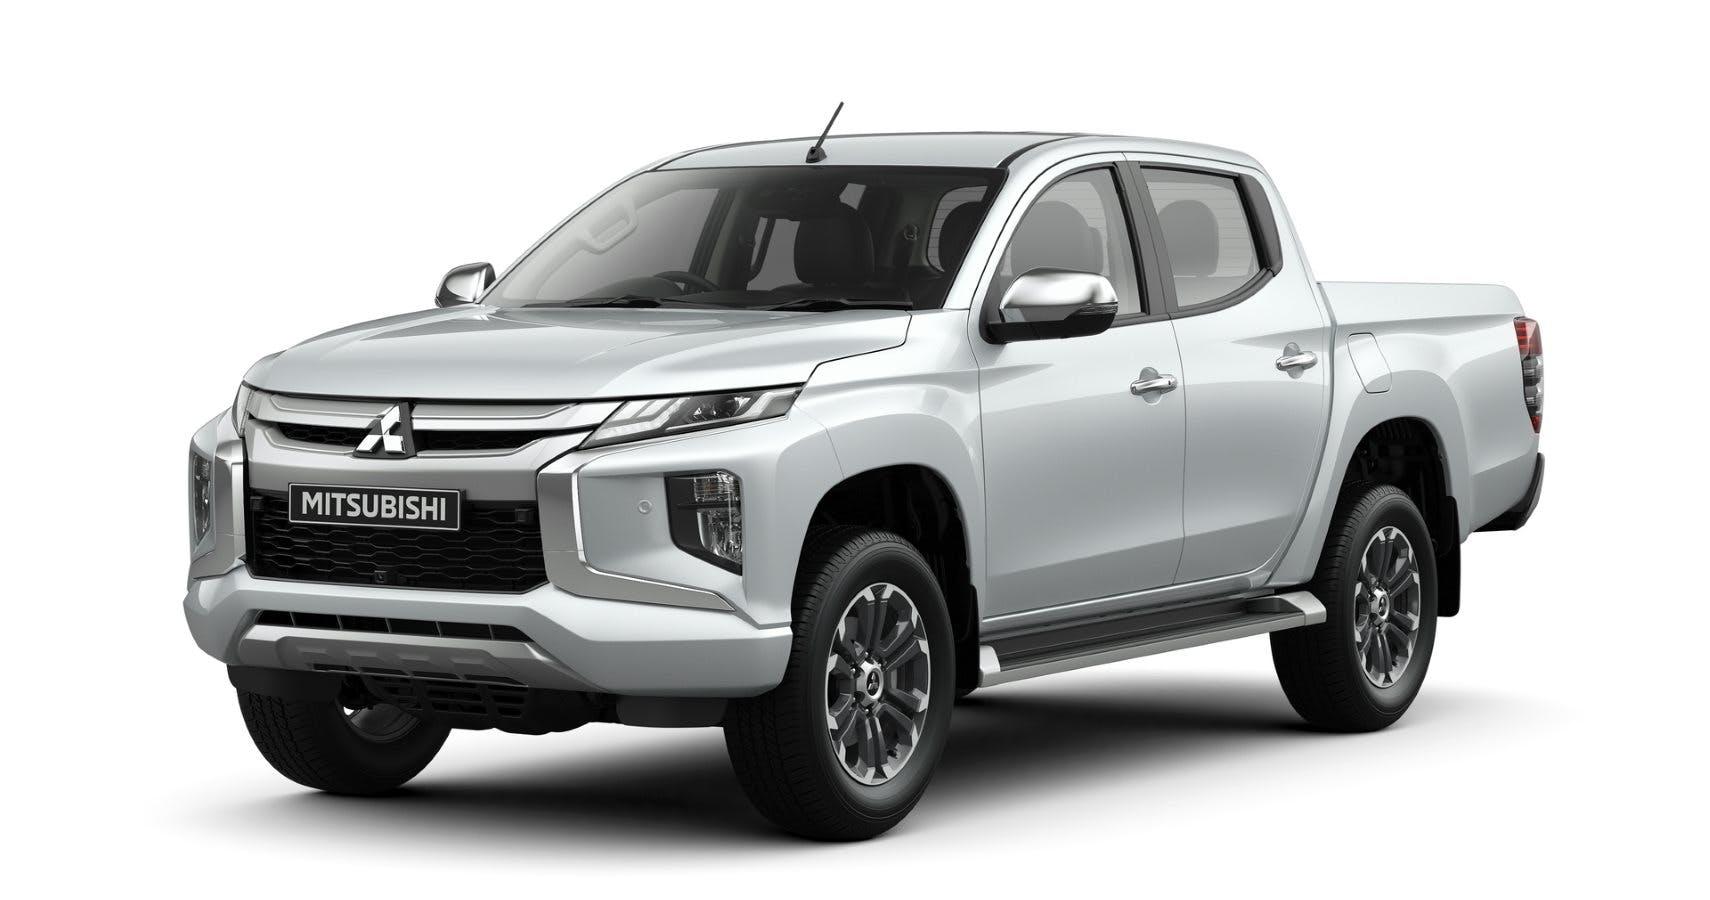 Có Nên Mua Xe Mitsubishi Triton phiên bản 2020?